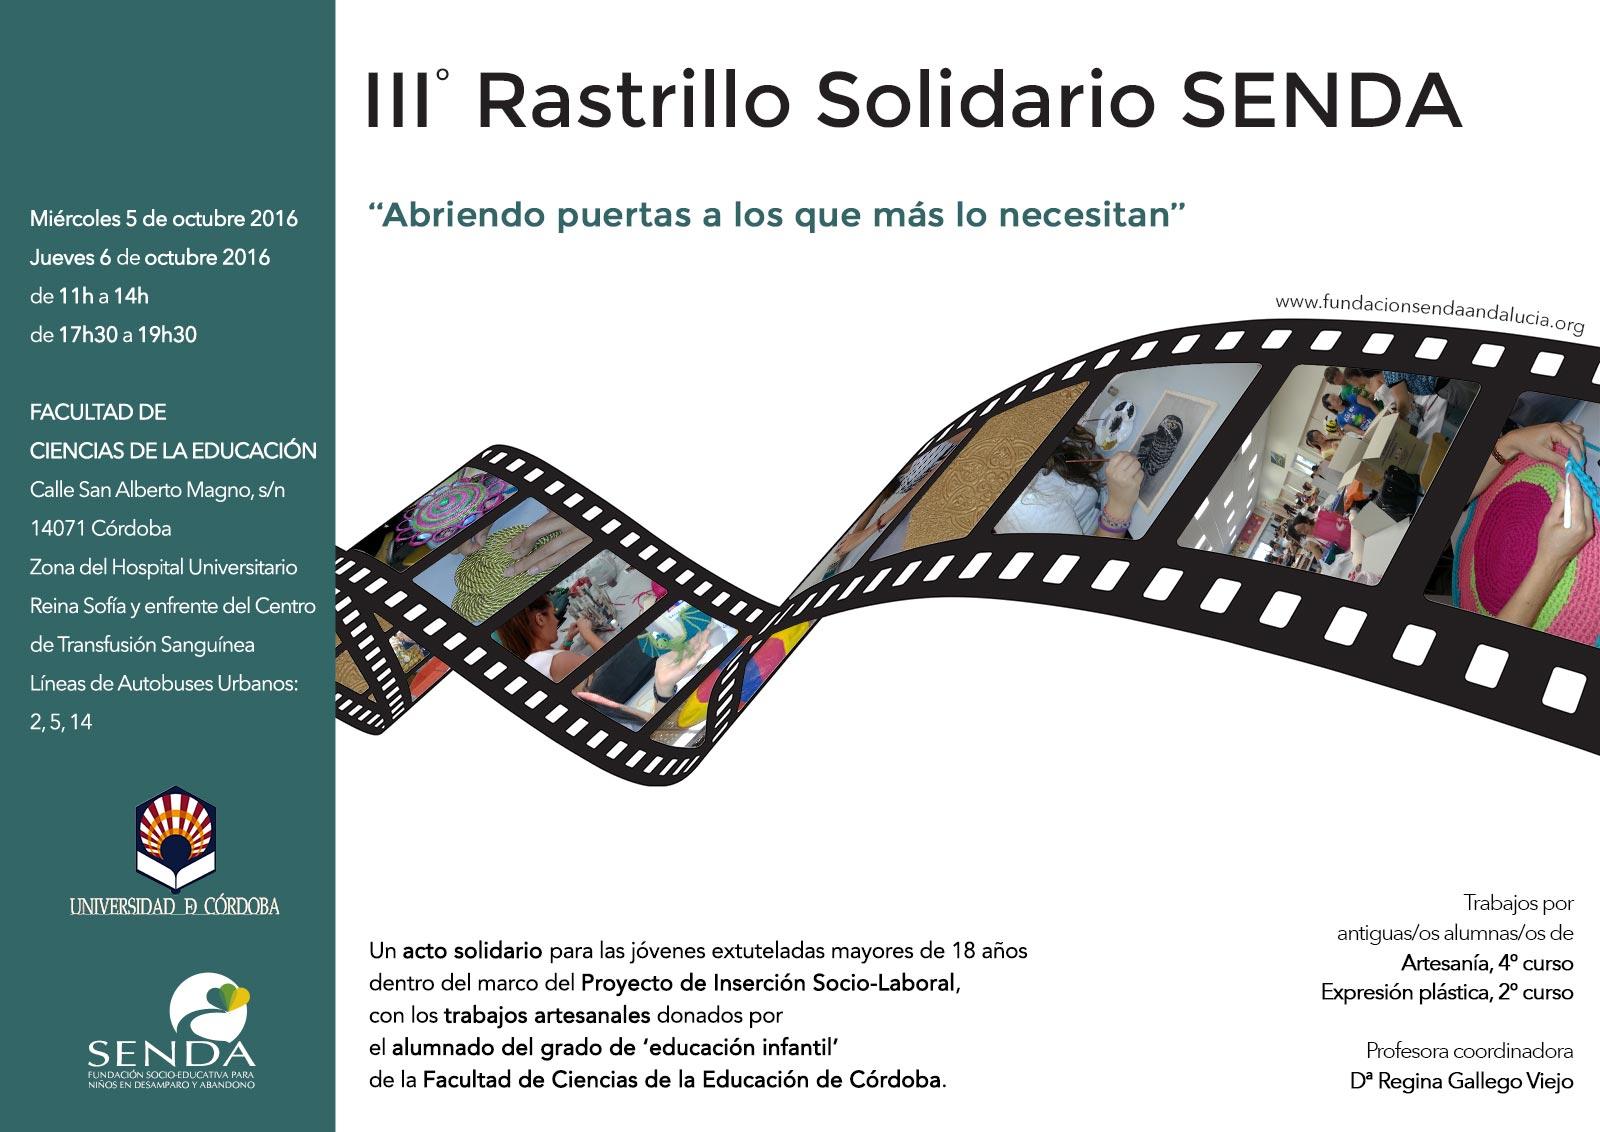 Tercer Rastrillo Solidario 2016 Fundación Senda